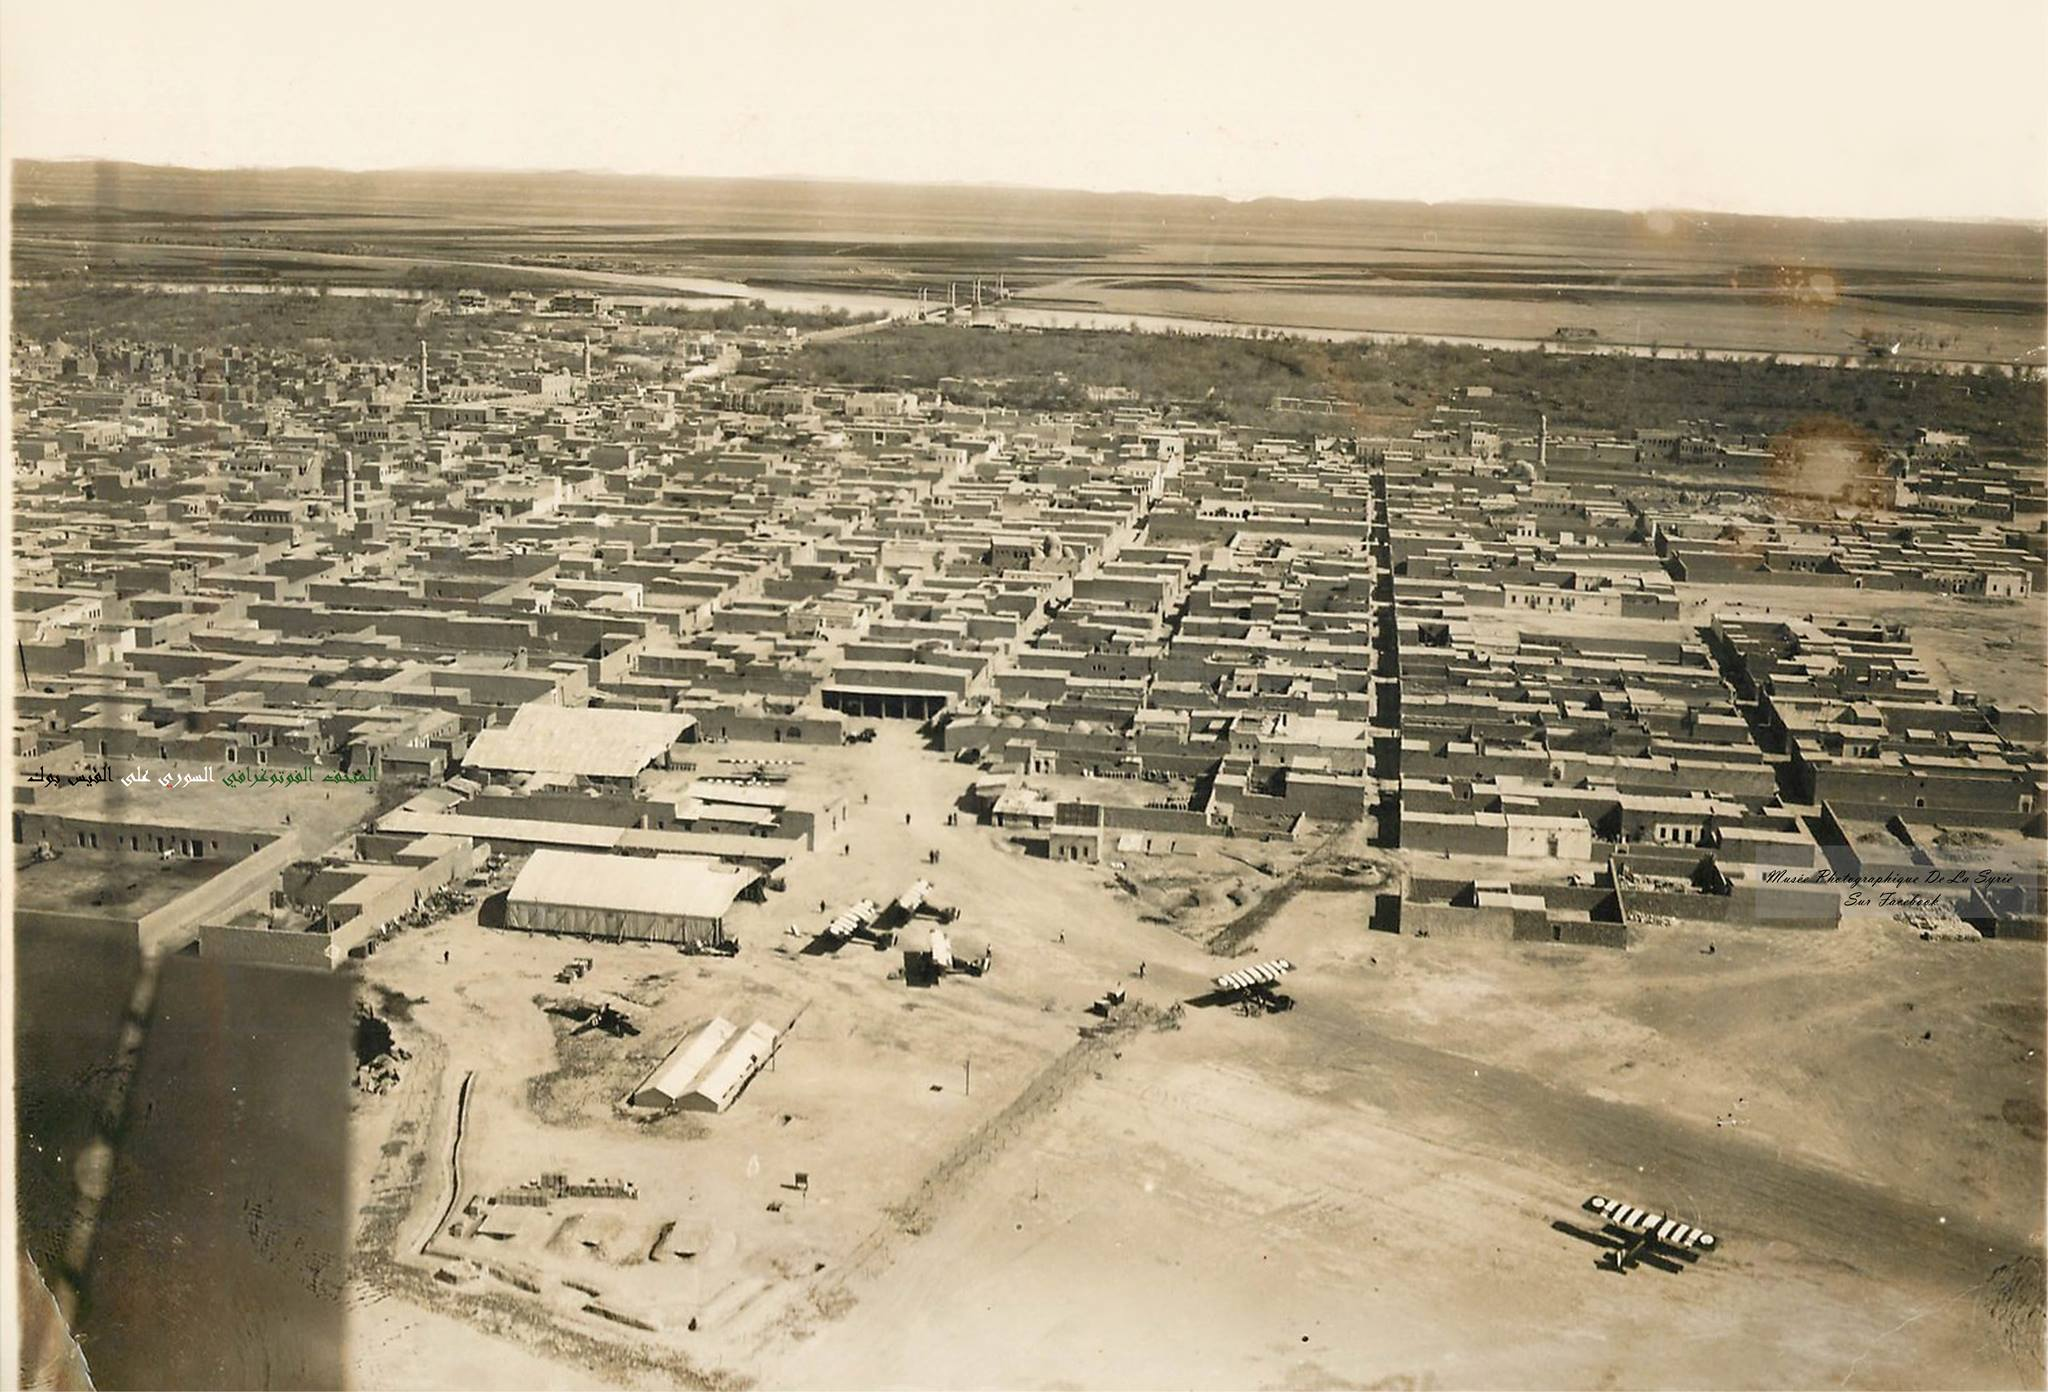 دير الزور ١٩٣٣